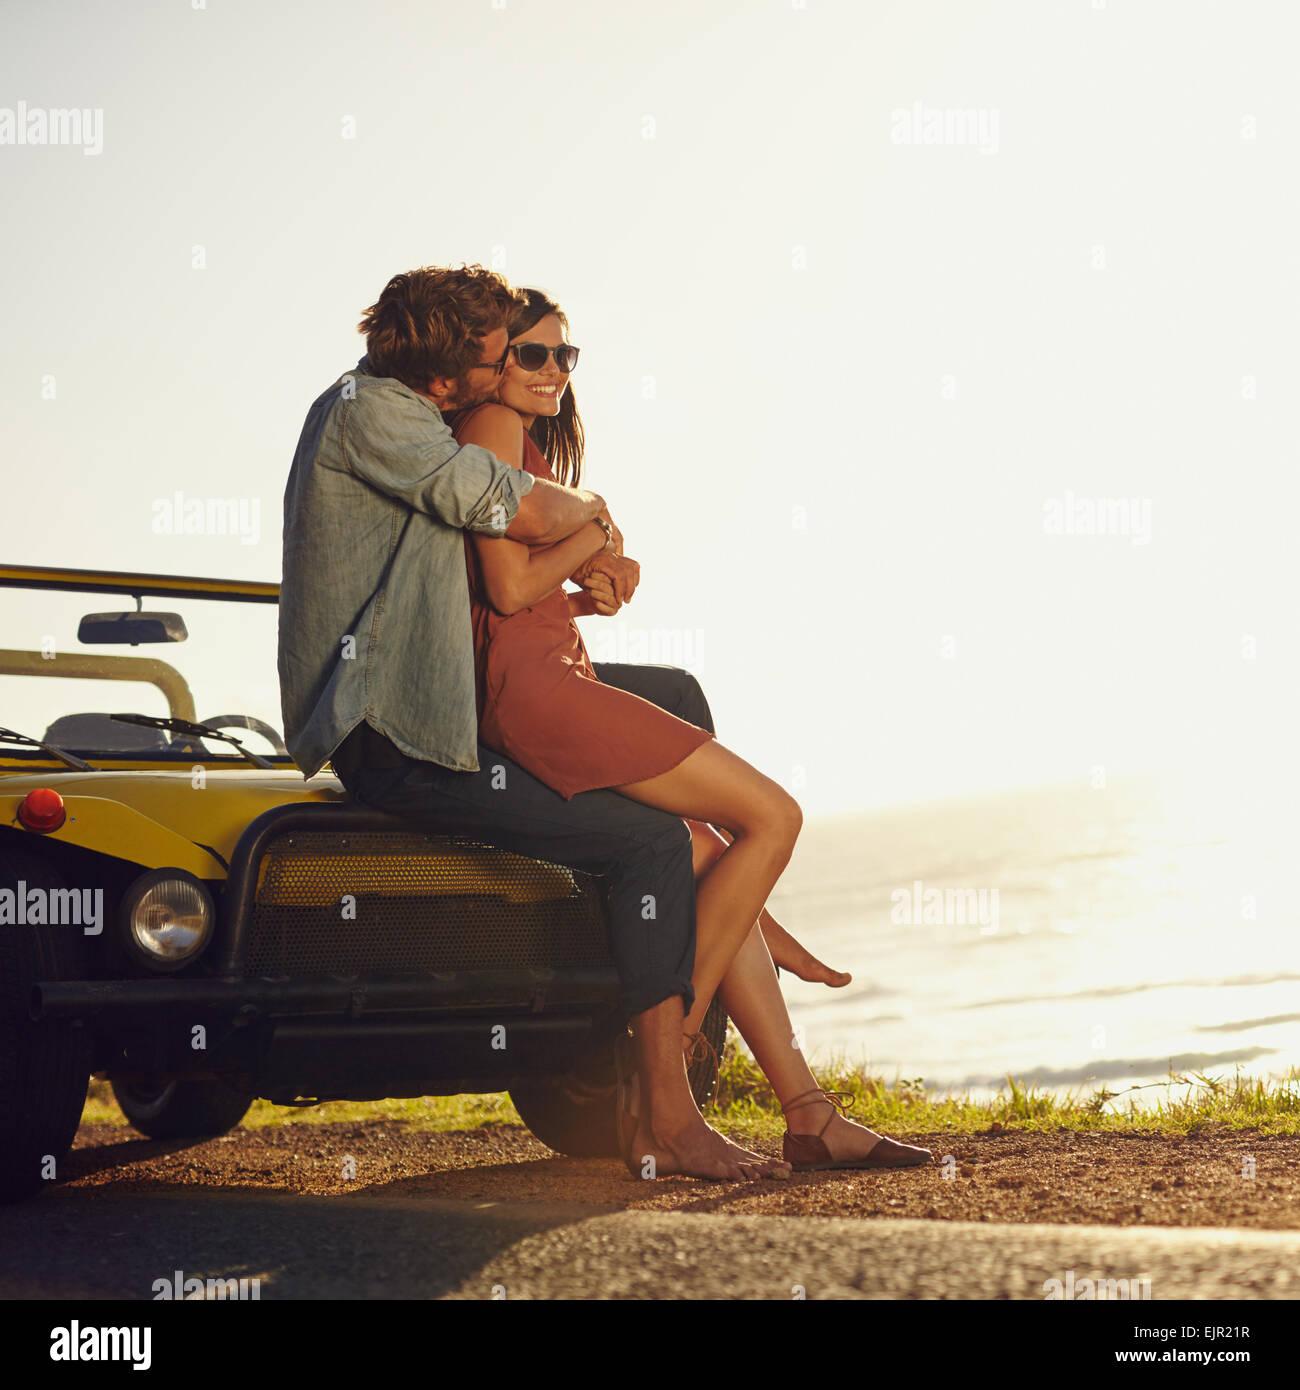 Coppia giovane in amore abbracciando e baciando. Giovane uomo e donna seduta sulla loro auto cofano. Romantico giovane Immagini Stock